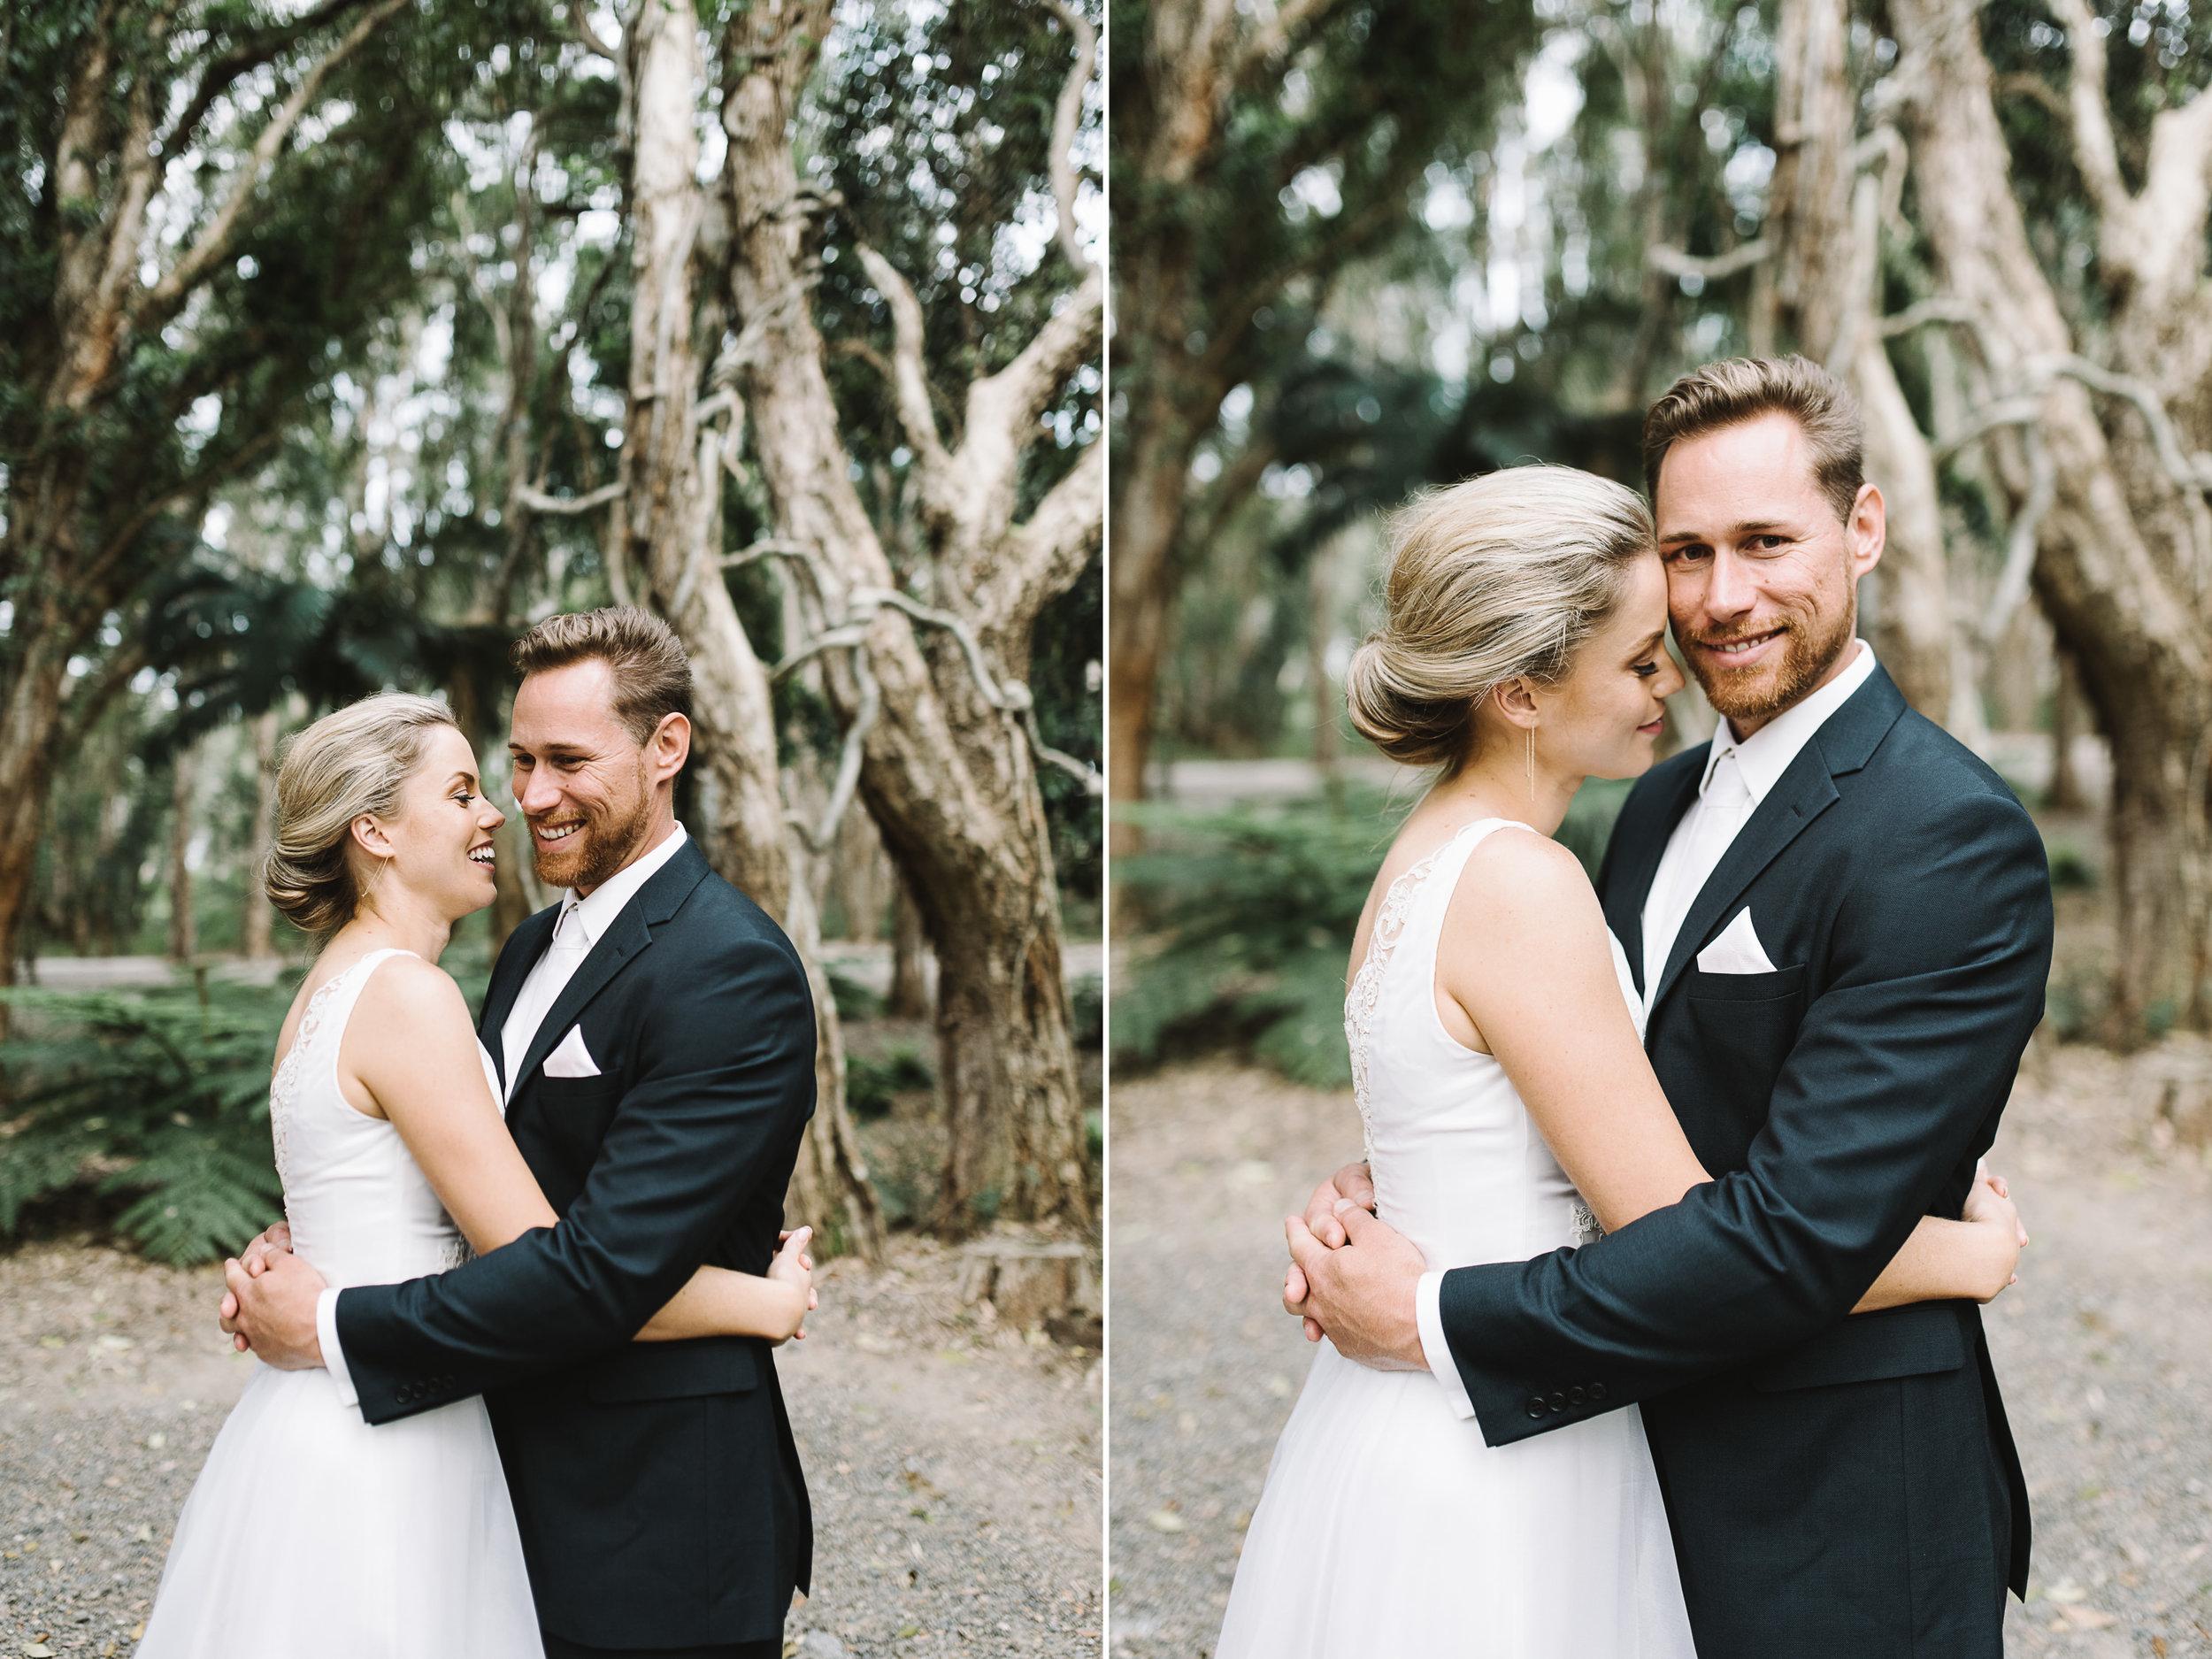 wedding-photography-brisbane-sandstone-point-hotel-bribie-island-25.jpg